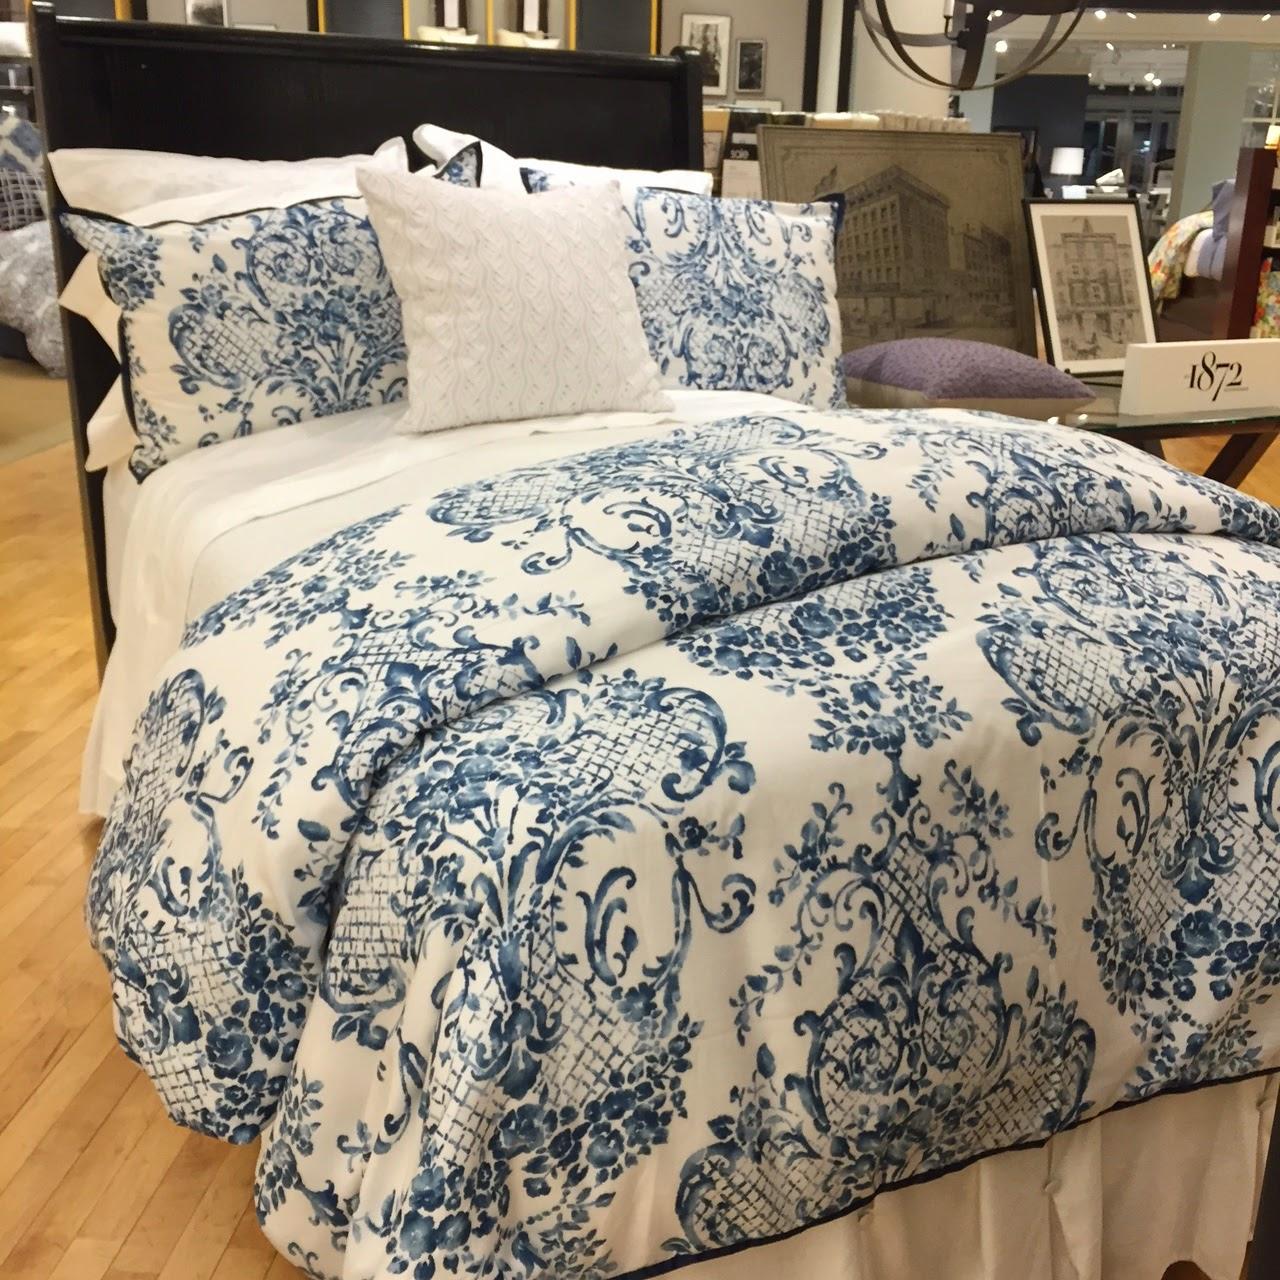 545953965e Sem dúvidas essa foi uma das camas mais lindas que estava na loja nesse  dia